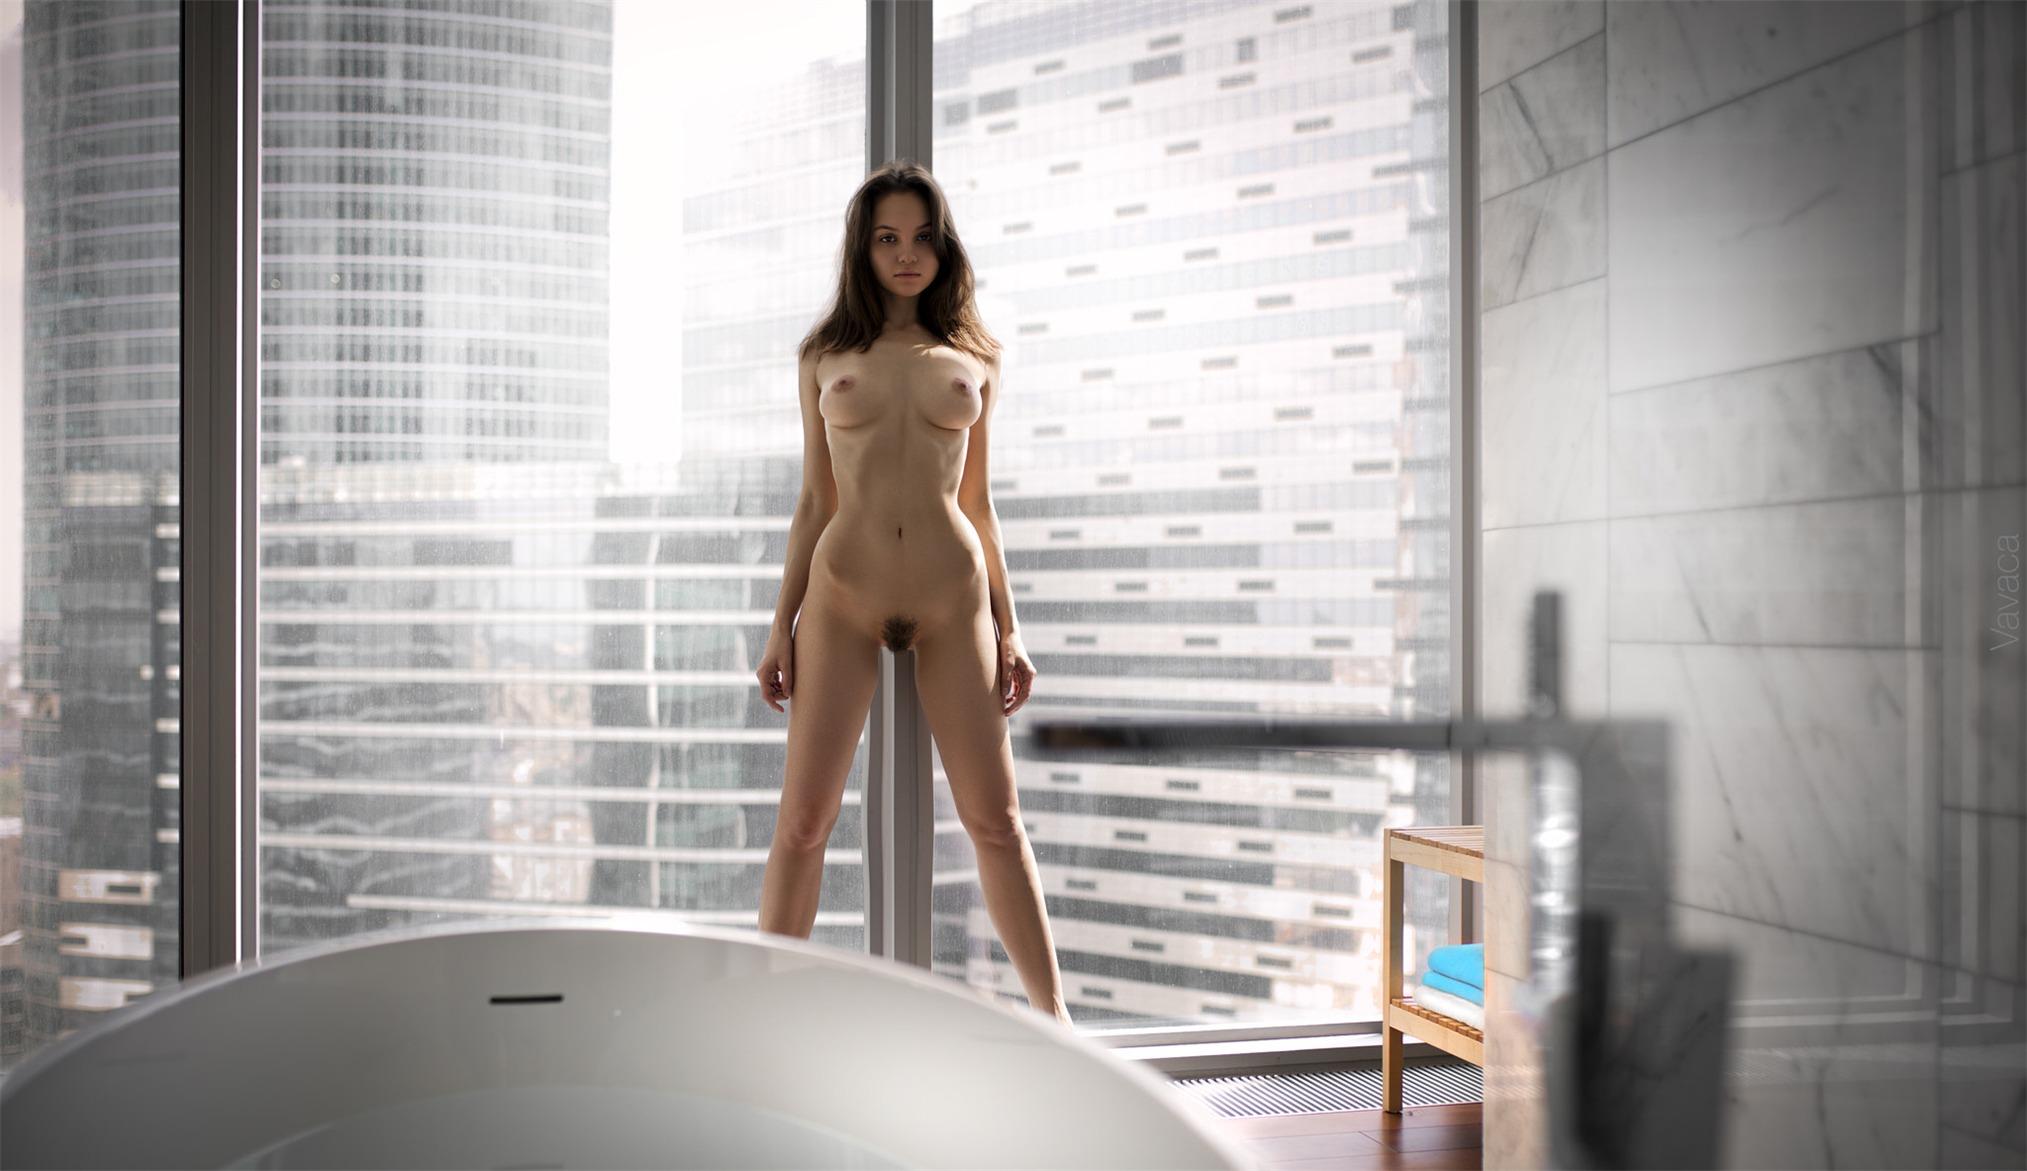 Голая красавица Мария Демина / Maria Demina nude by Vladimir Nikolaev